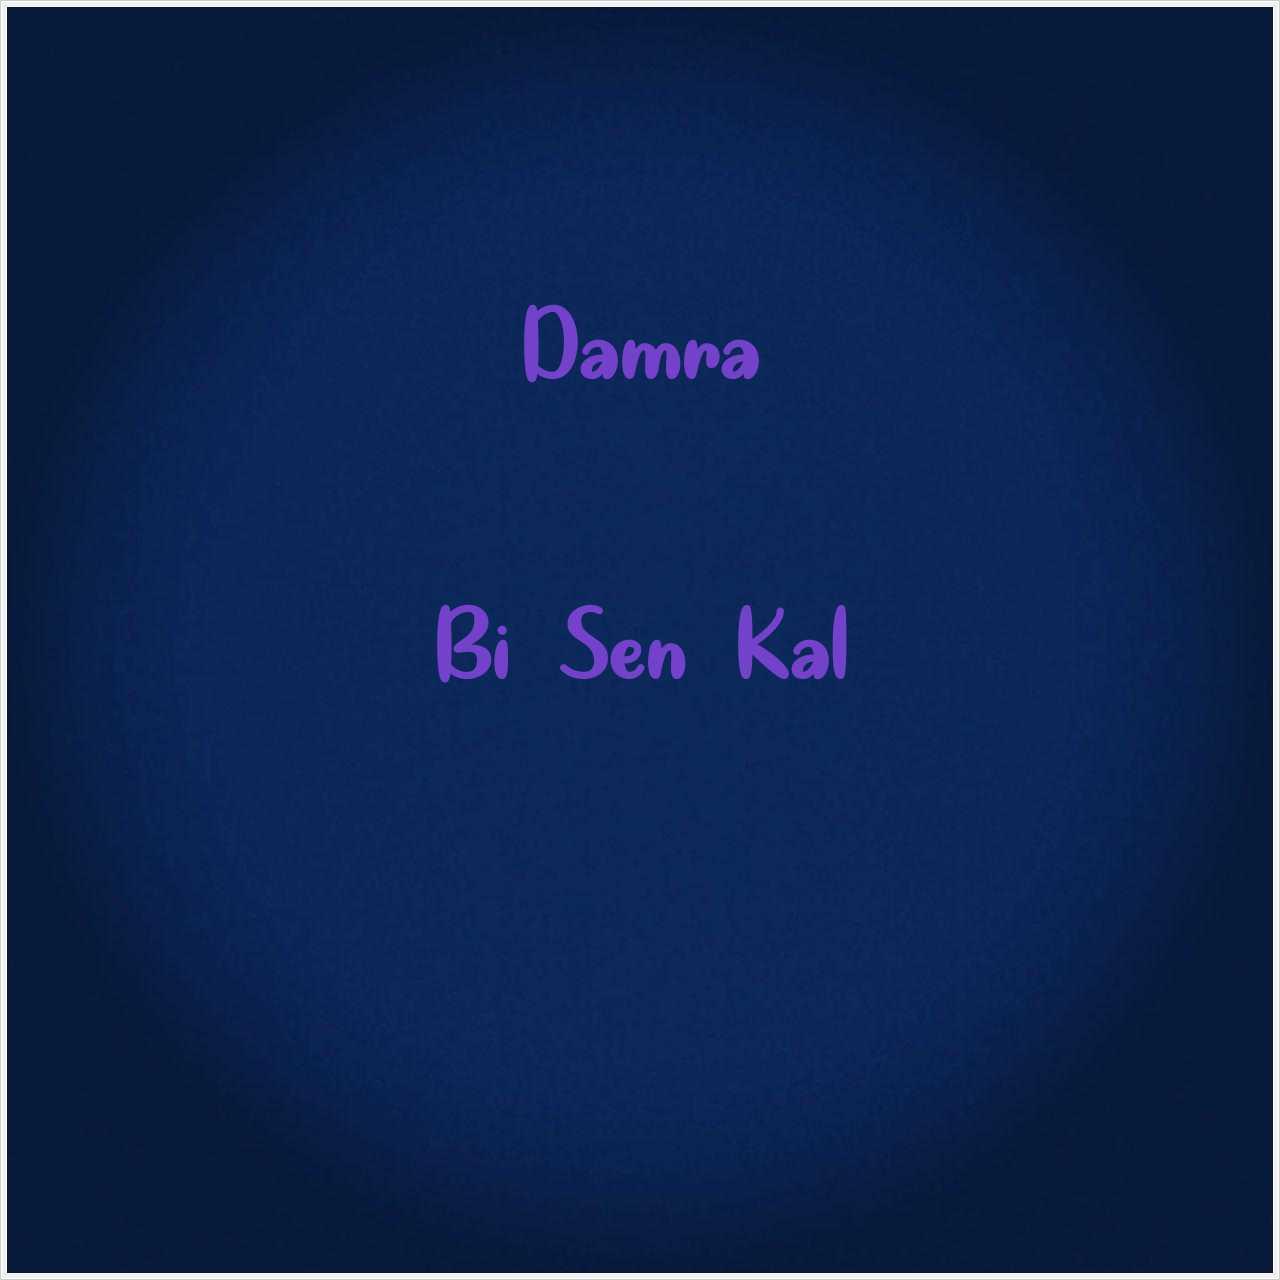 دانلود آهنگ جدید Damra به نام Bi Sen Kal